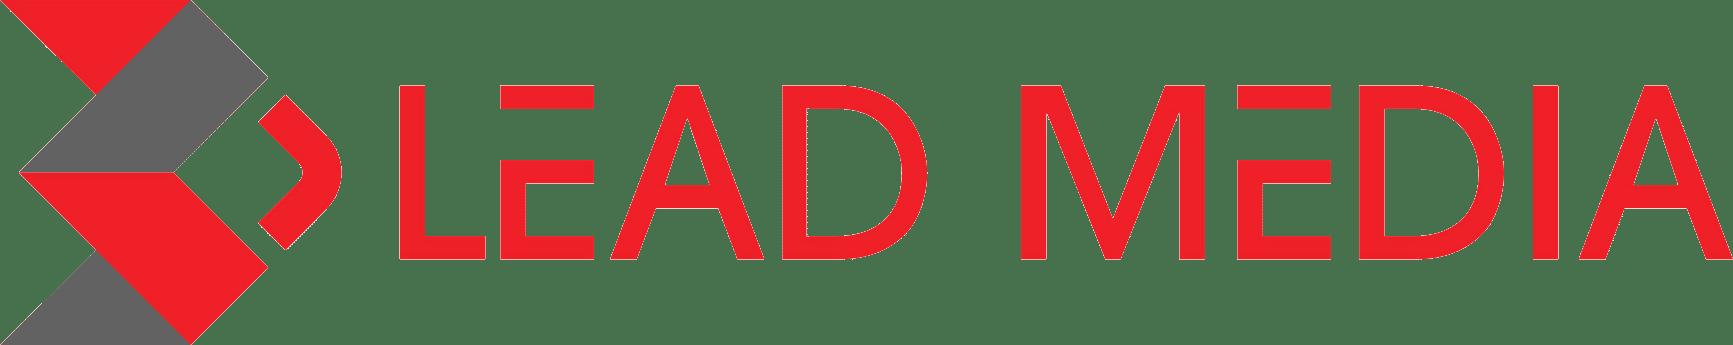 Lead Media